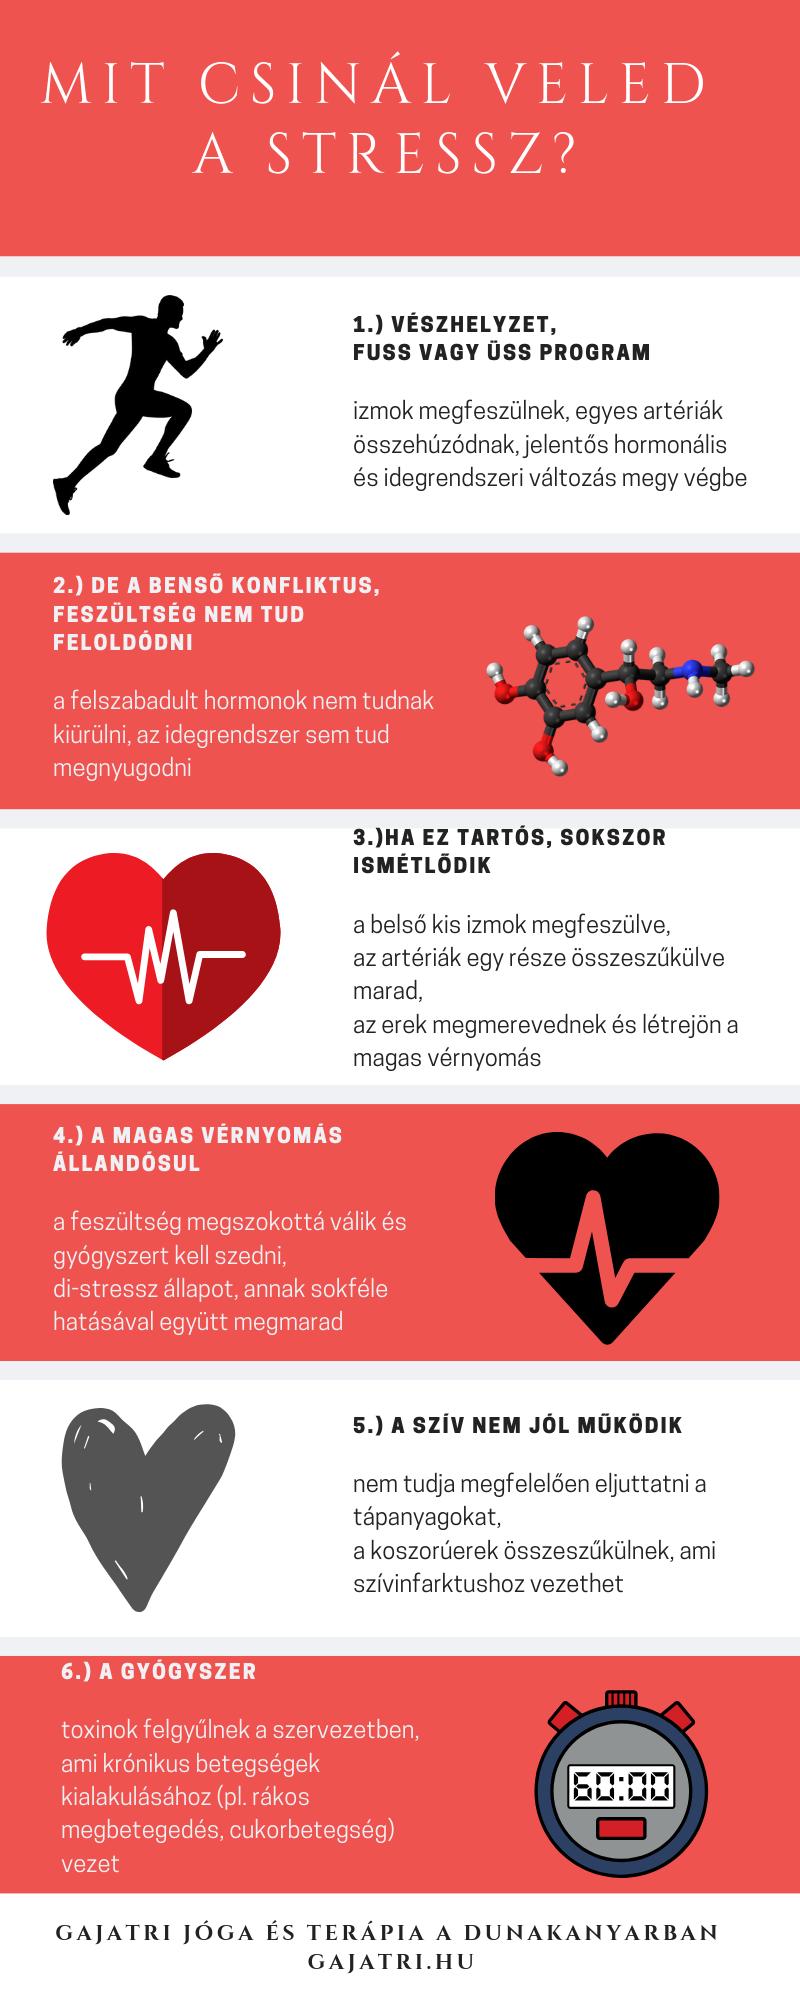 újonnan diagnosztizált magas vérnyomás milyen típusú betegség a 2 fokú magas vérnyomás kockázata